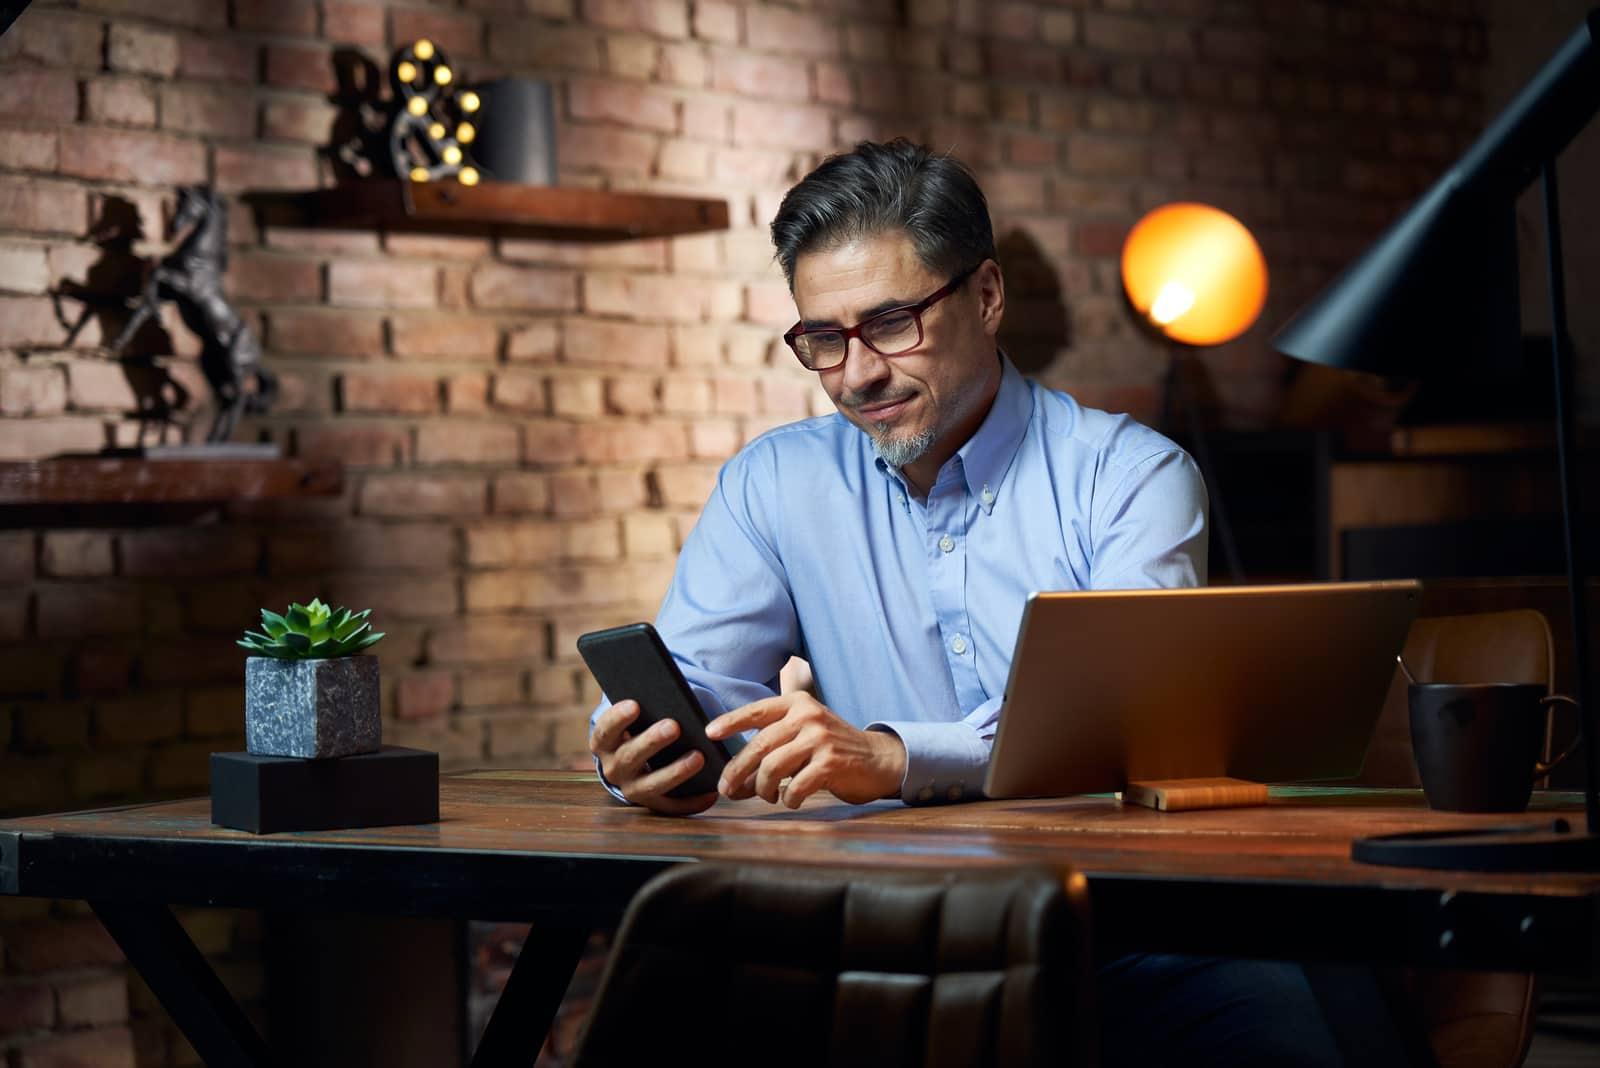 un homme est assis dans un bureau et écrit un message